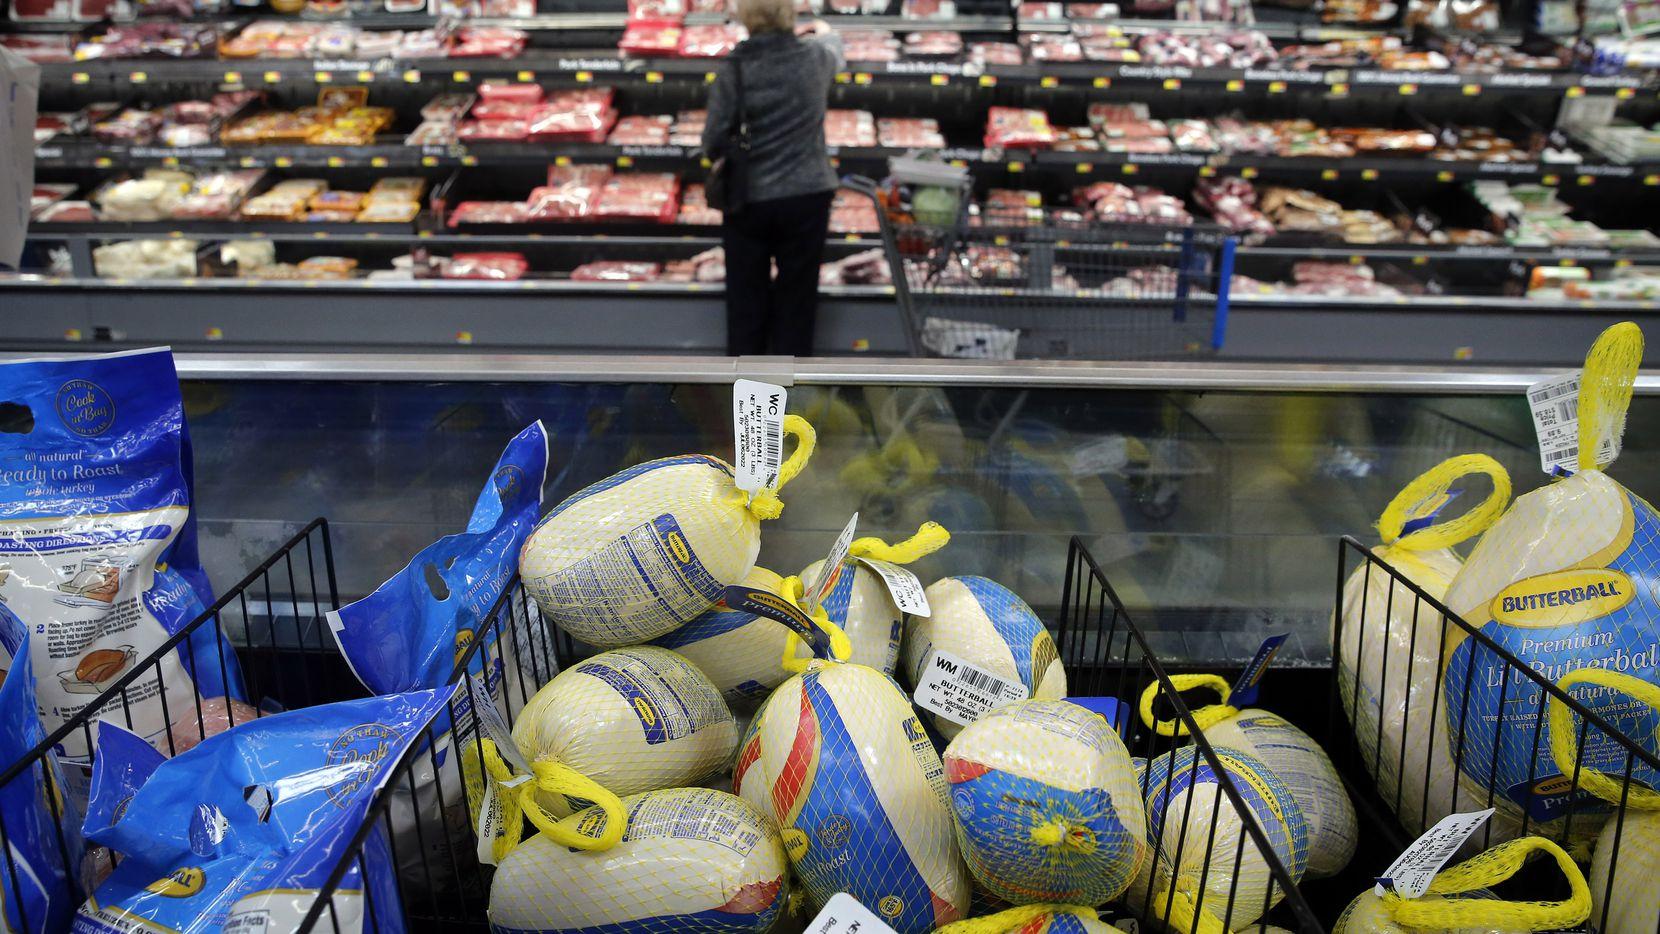 Familias podrán recibir un reembolso en sus compras de productos para la cena de Thanksgiving.